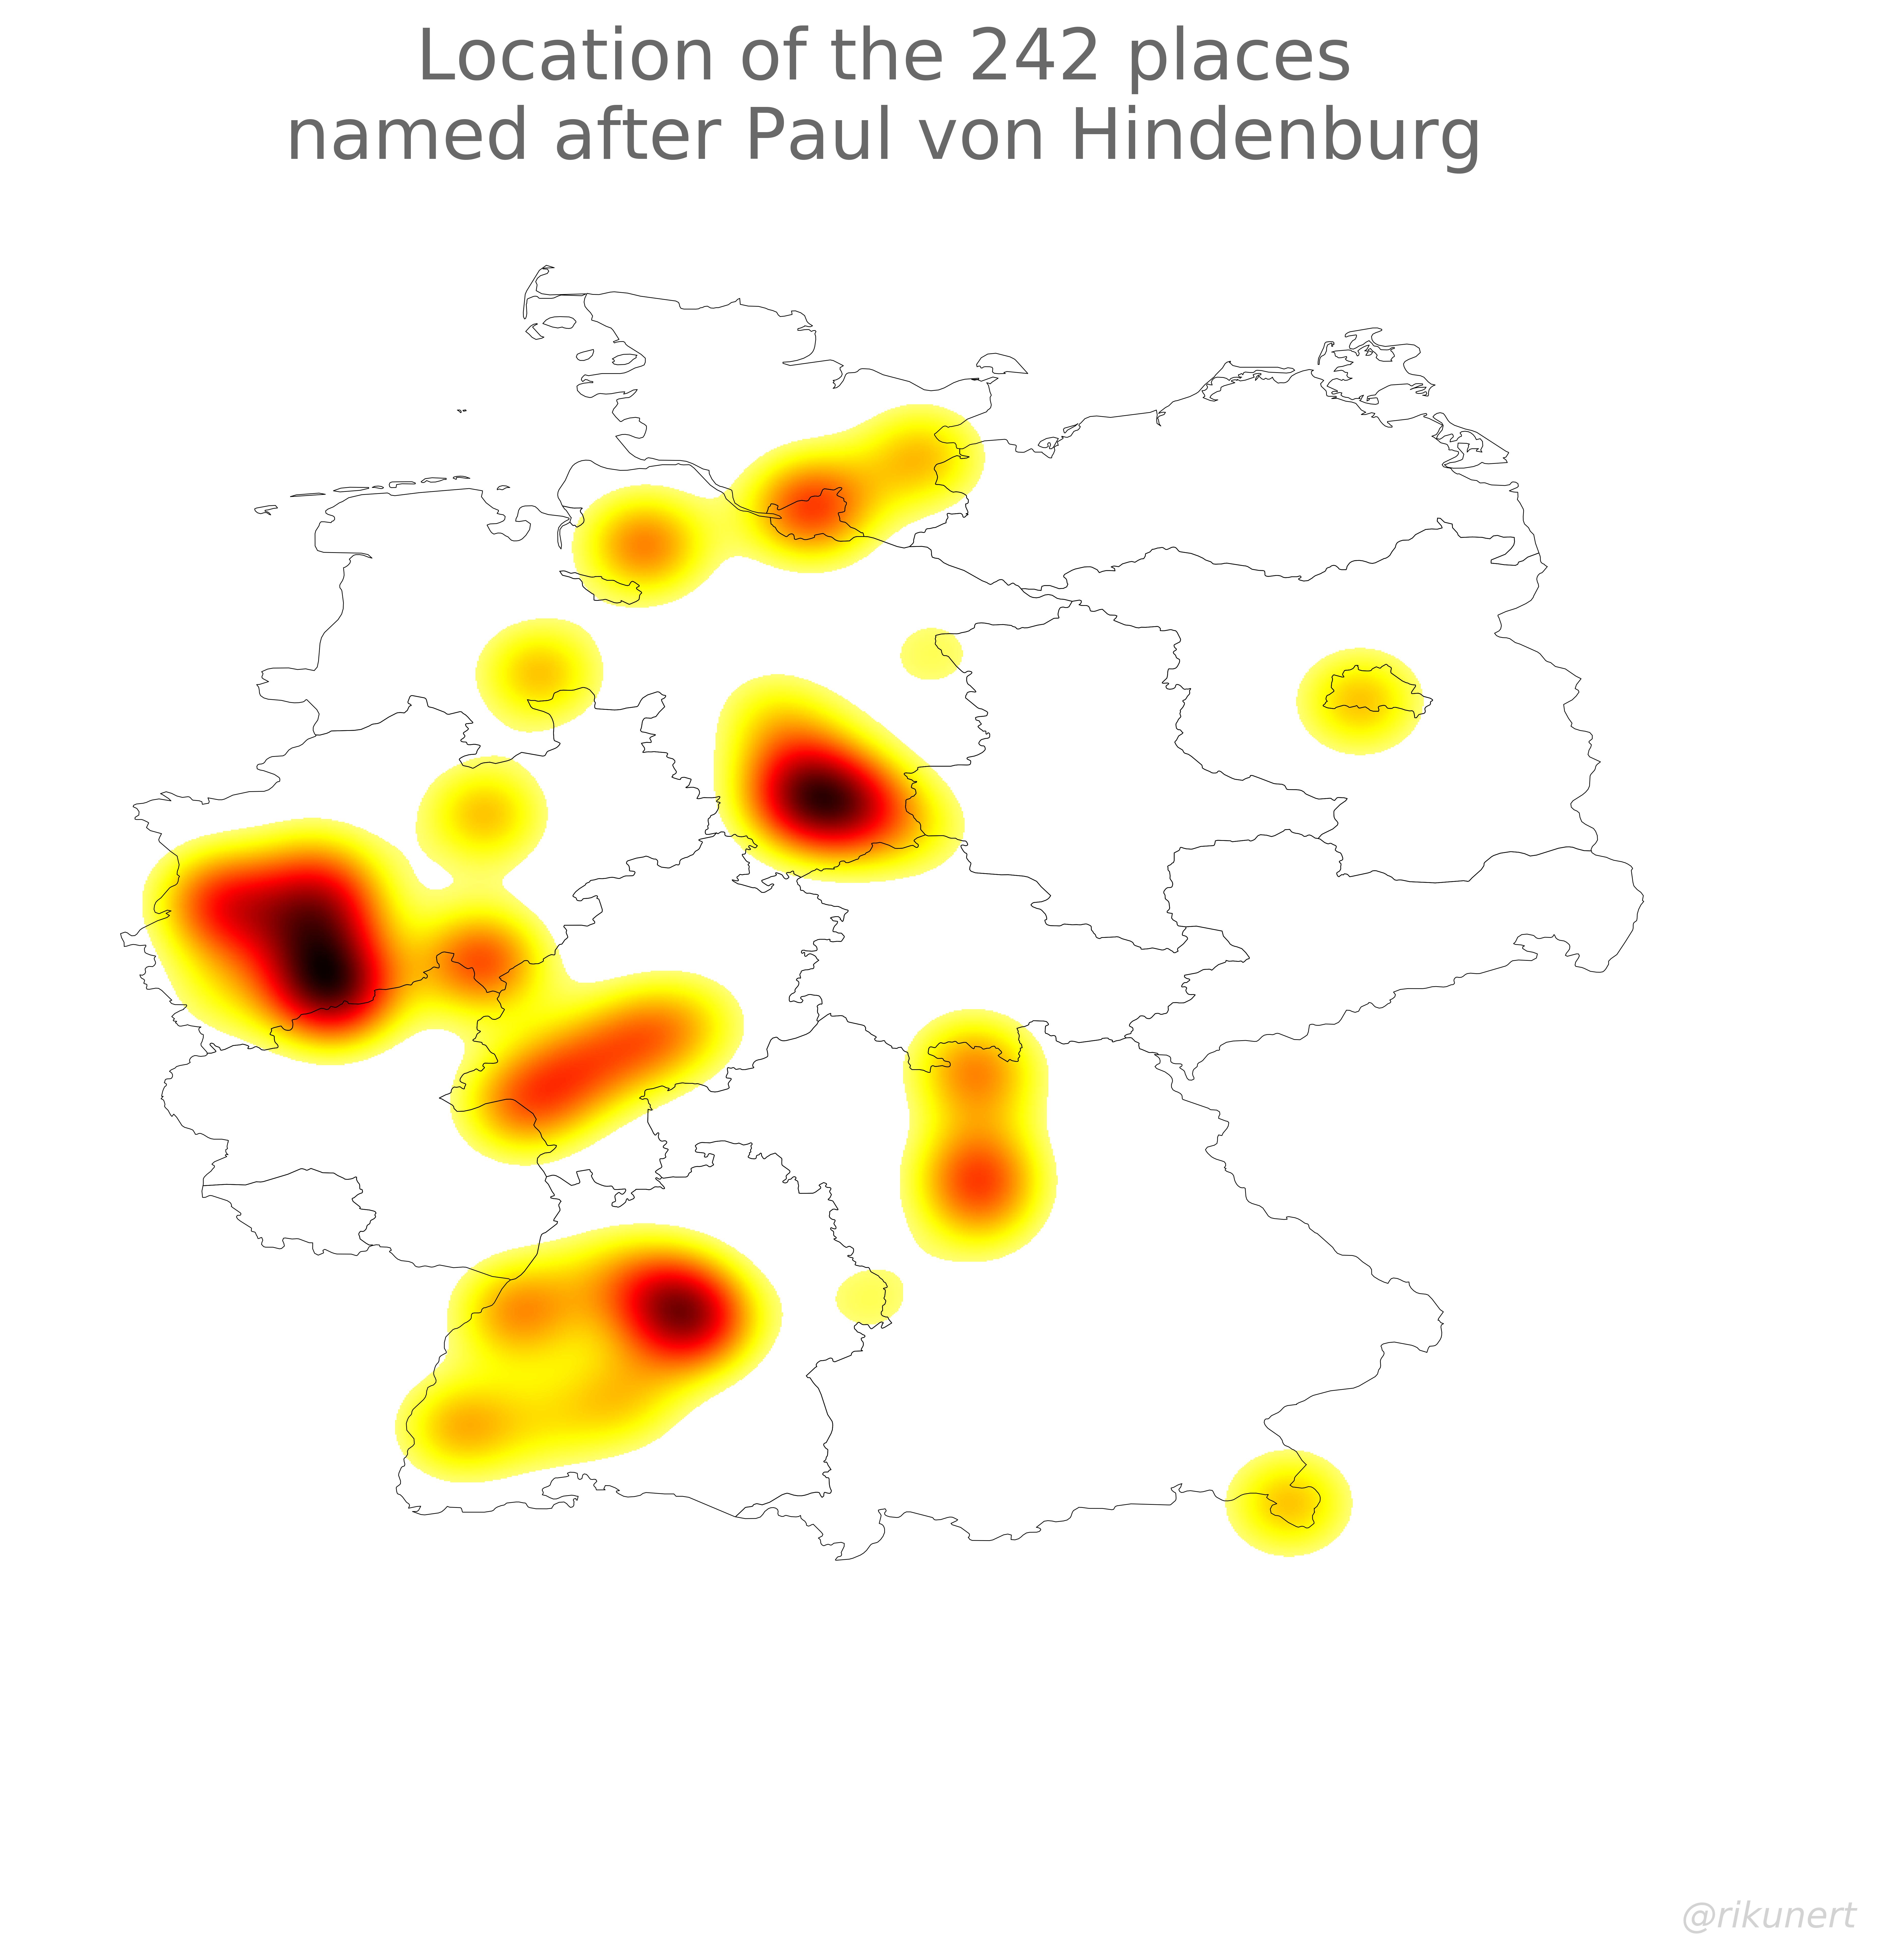 Paul von Hindenburg place names heat map